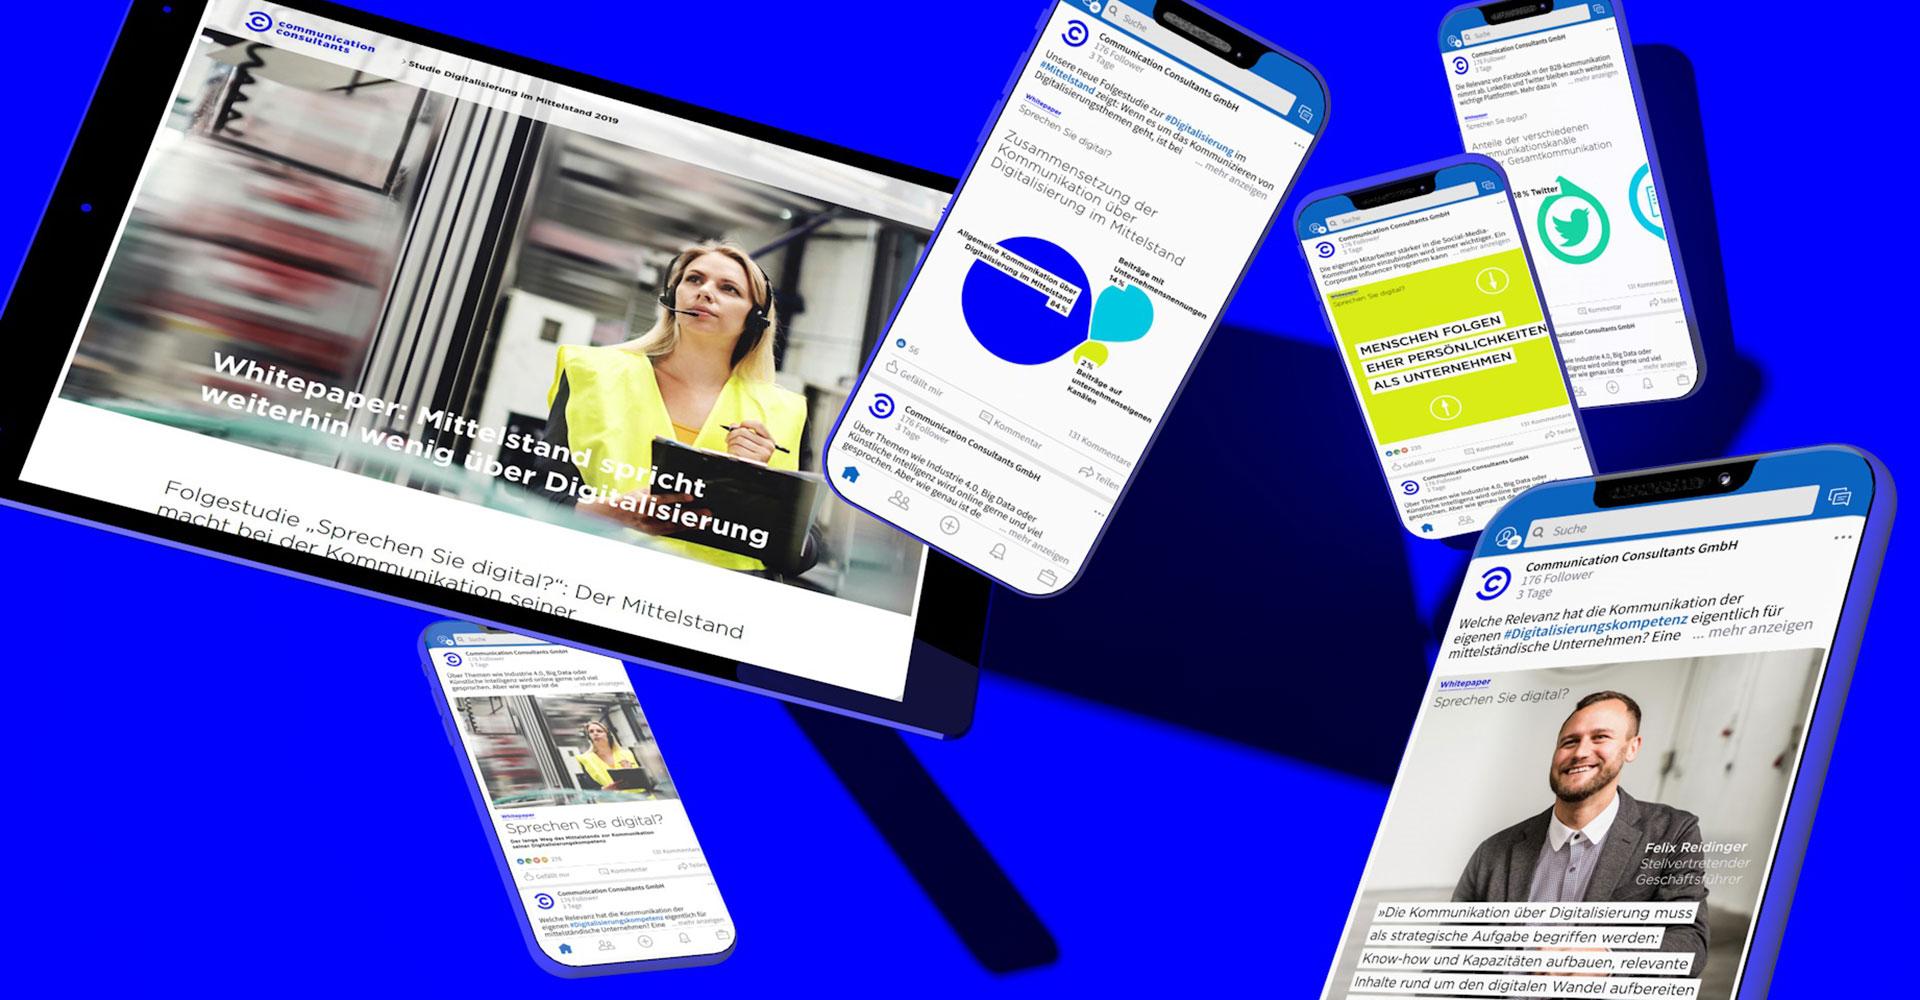 Social Media Agentur: Social Media Kampagne zur Digitalisierungsstudie